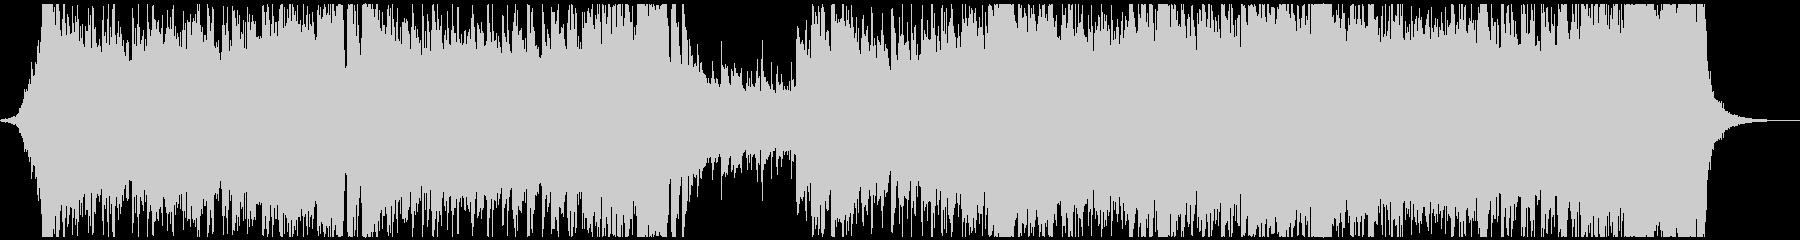 オーケストラ基調のドラマチックなポップスの未再生の波形